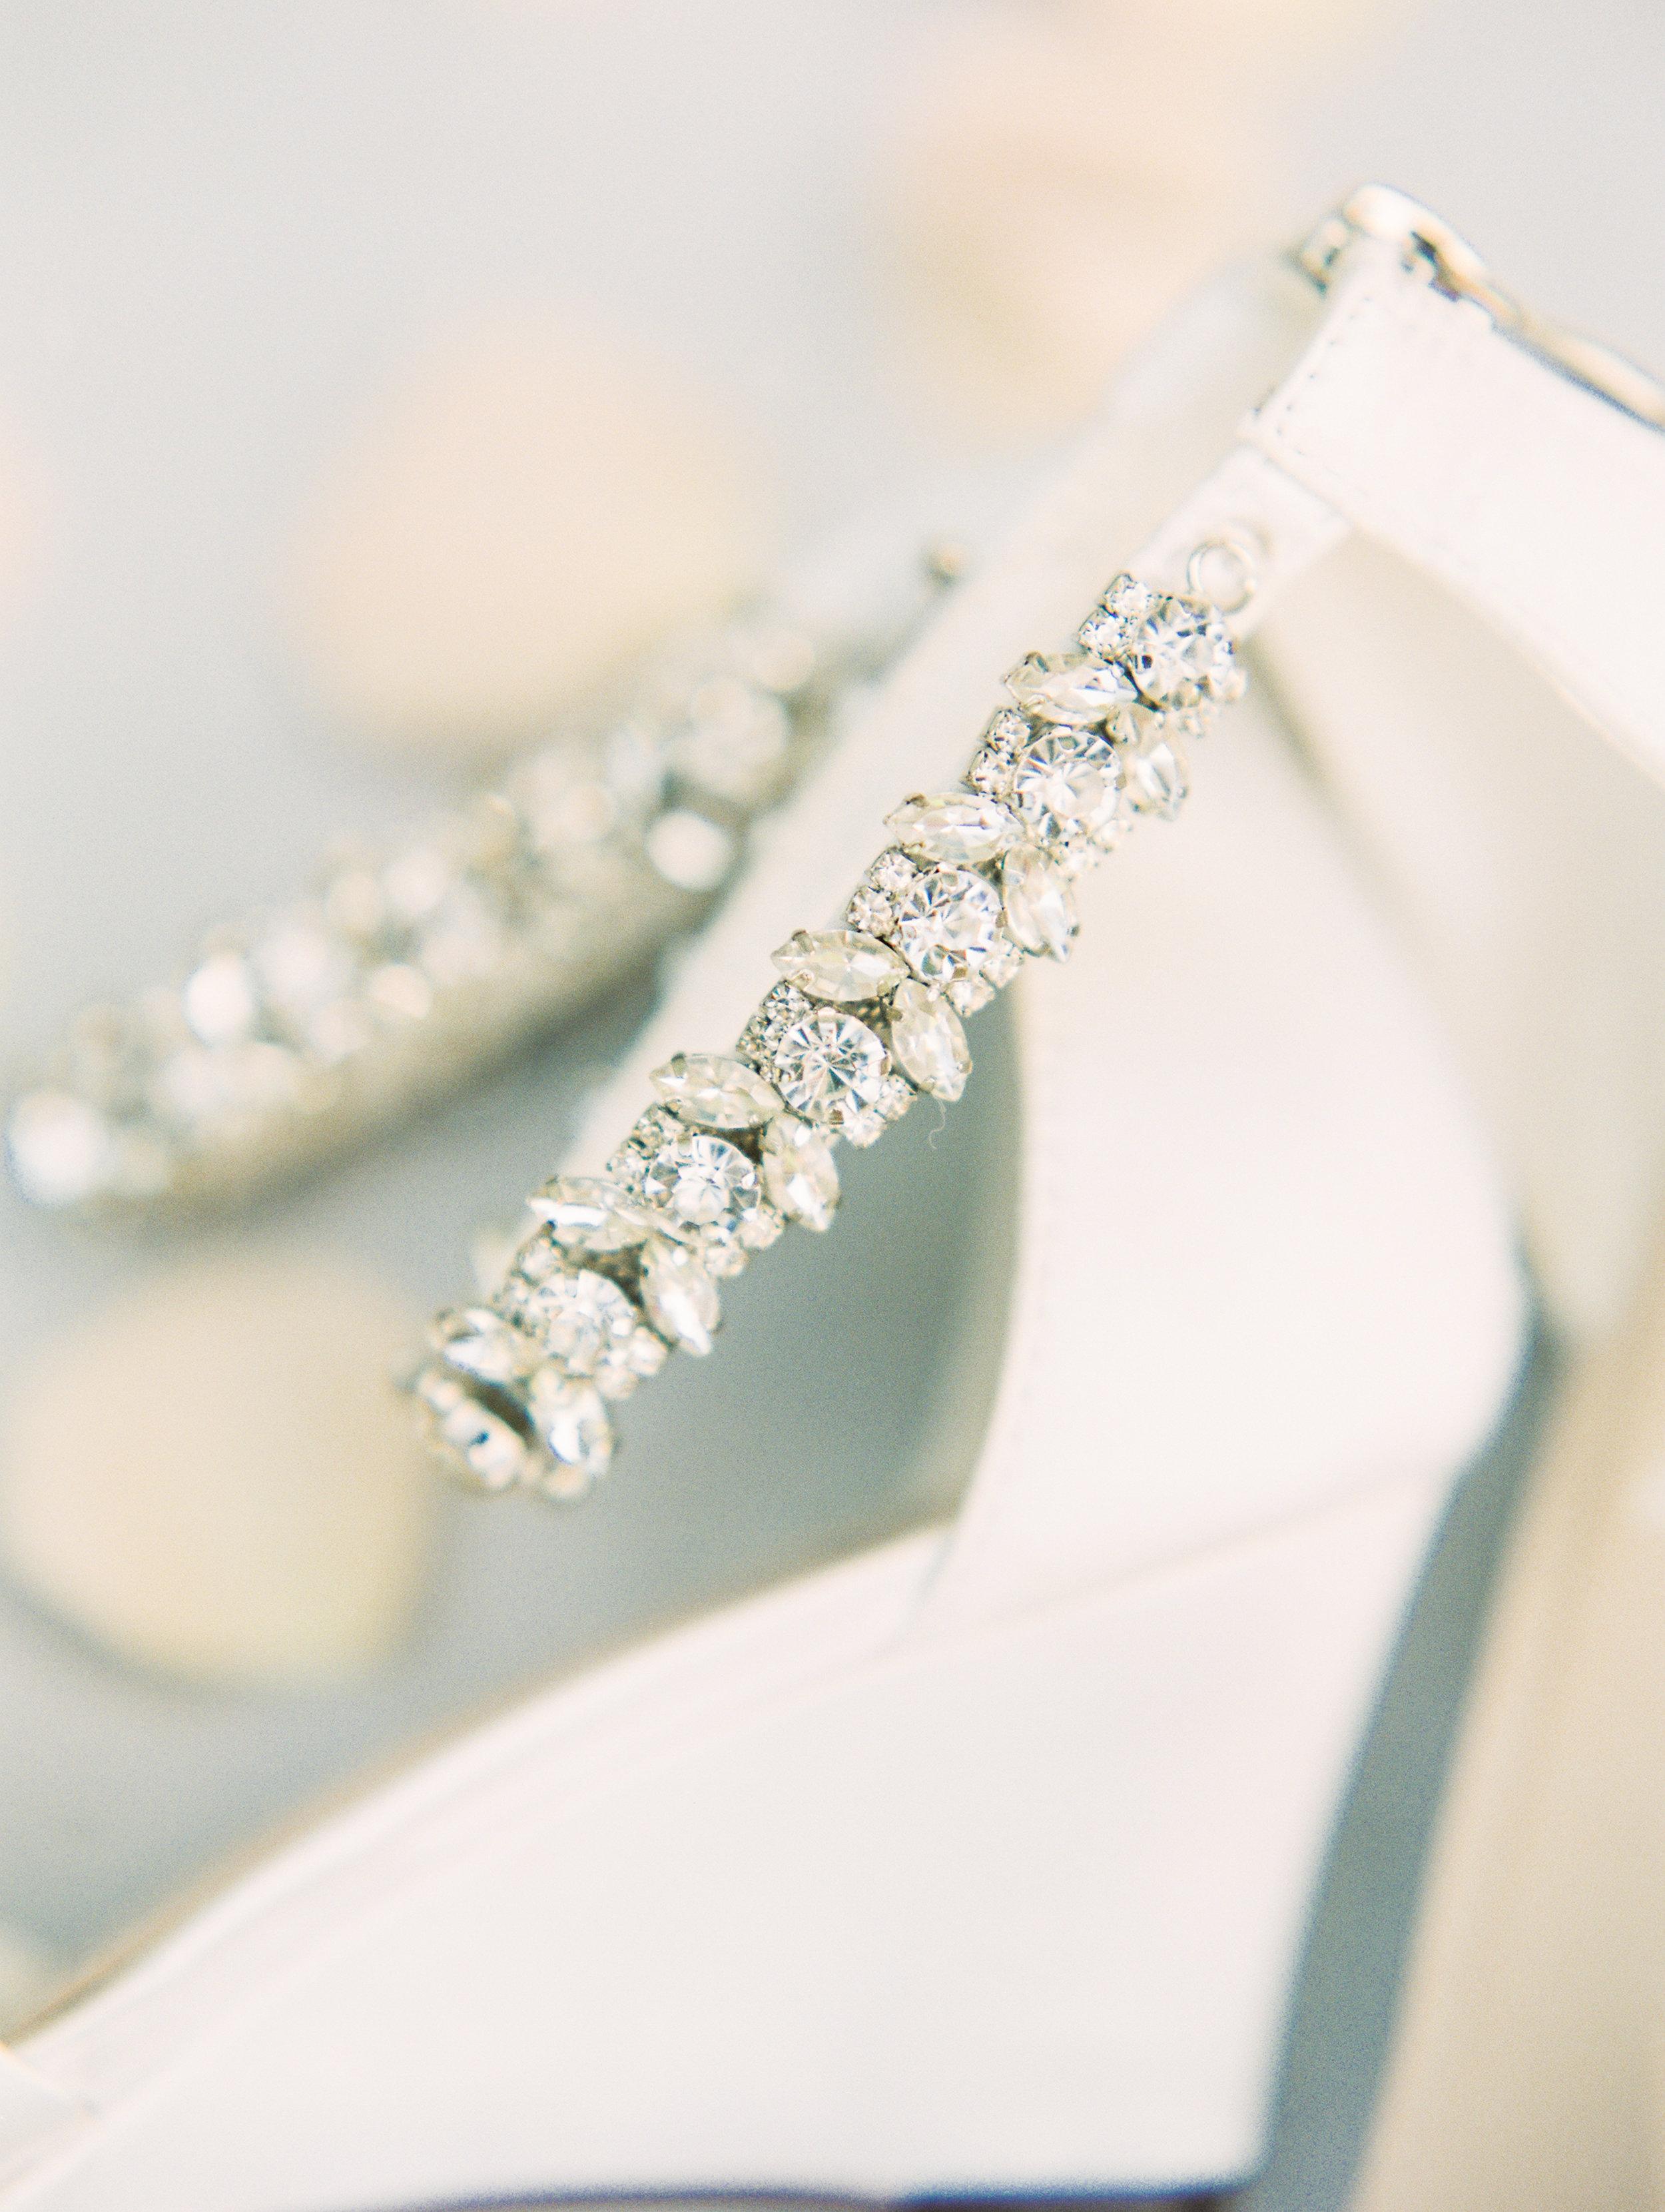 Cupp+Wedding+Detailsf-9.jpg